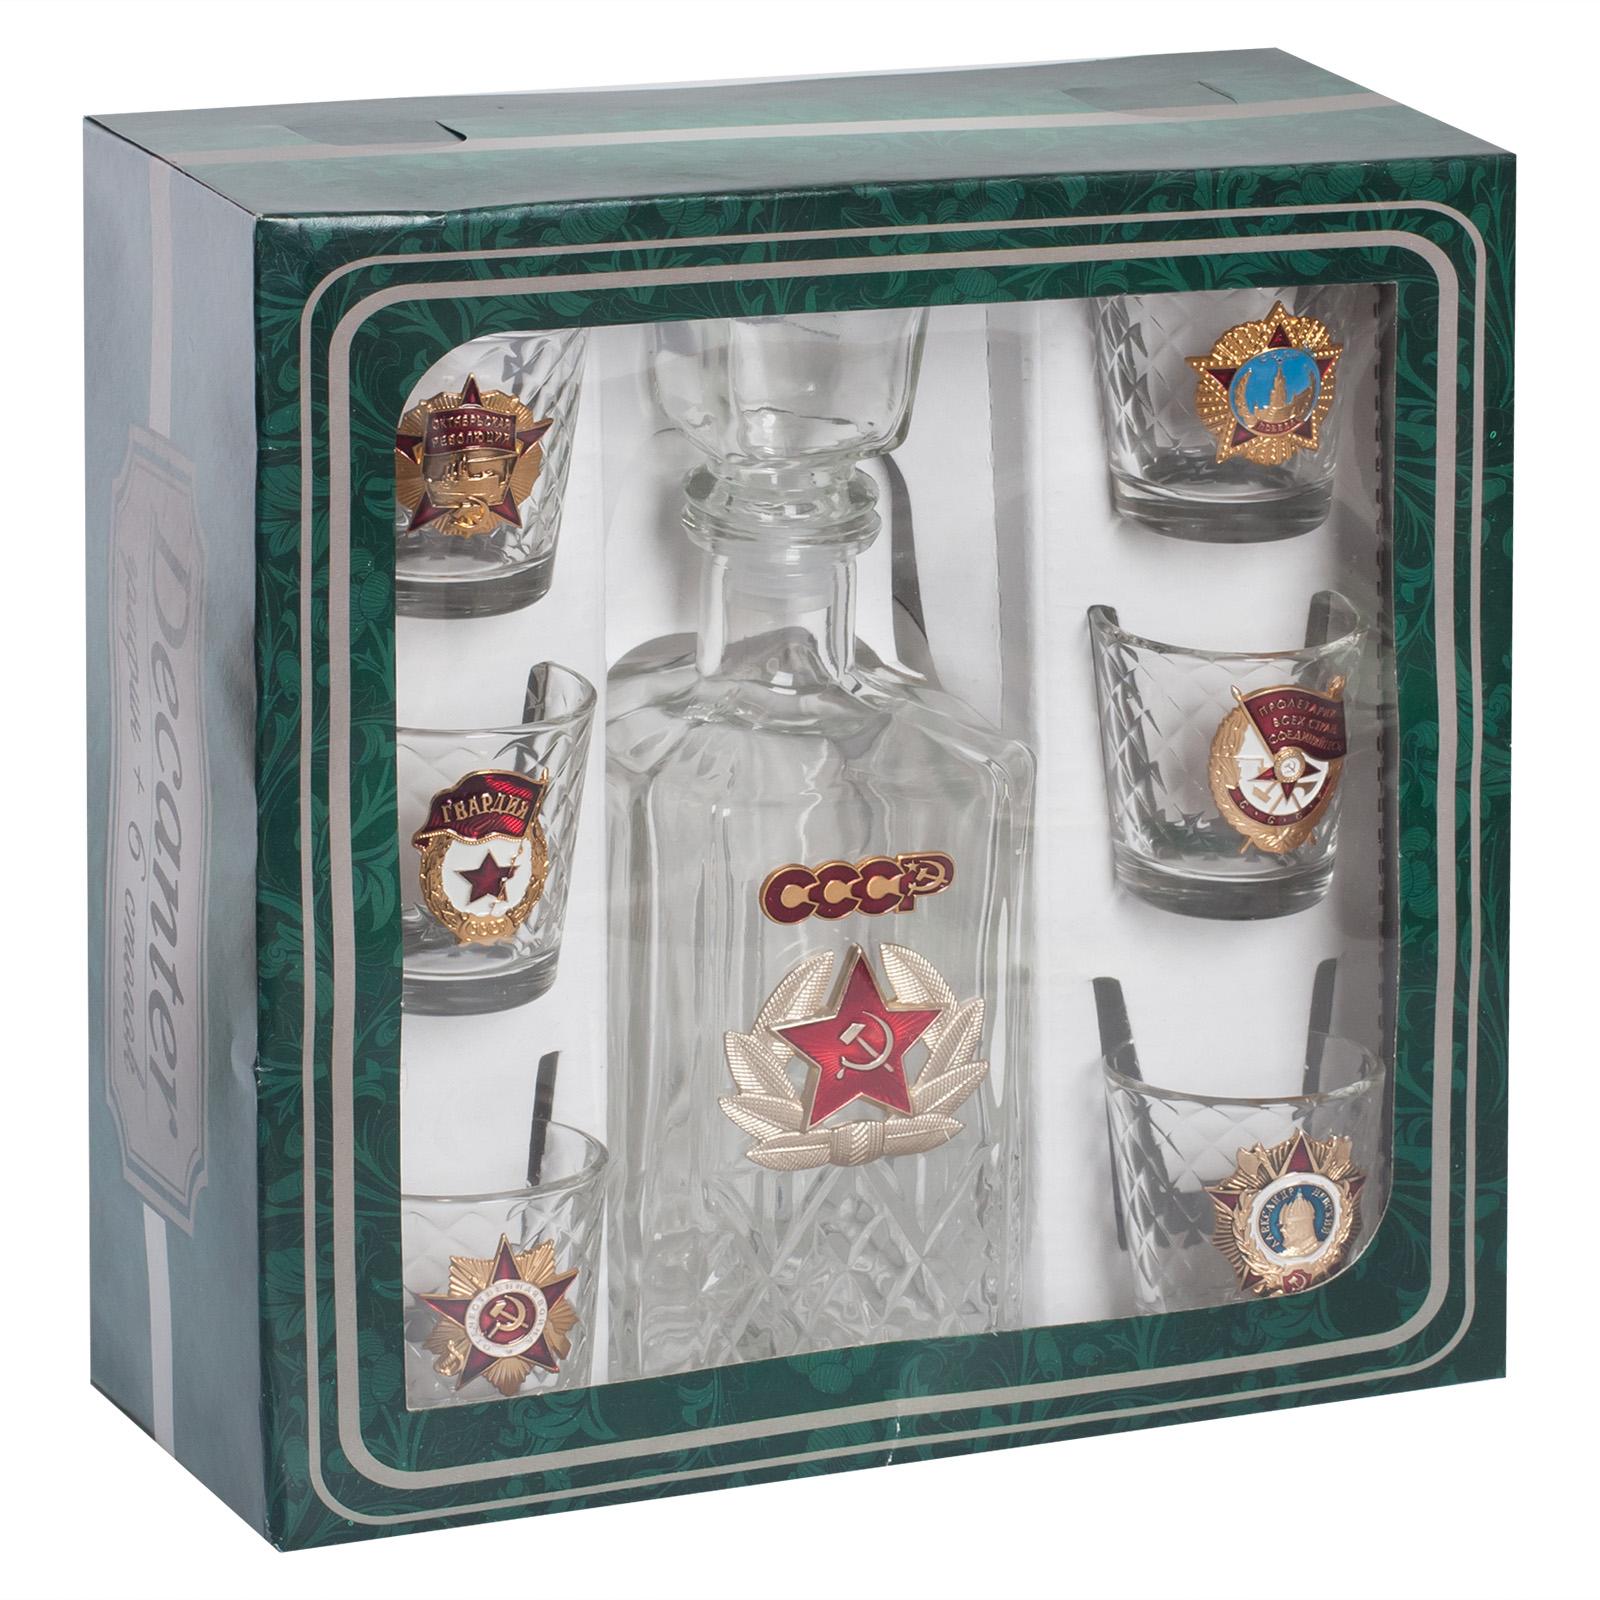 Заказать онлайн с доставкой подарочные наборы Советские ордена